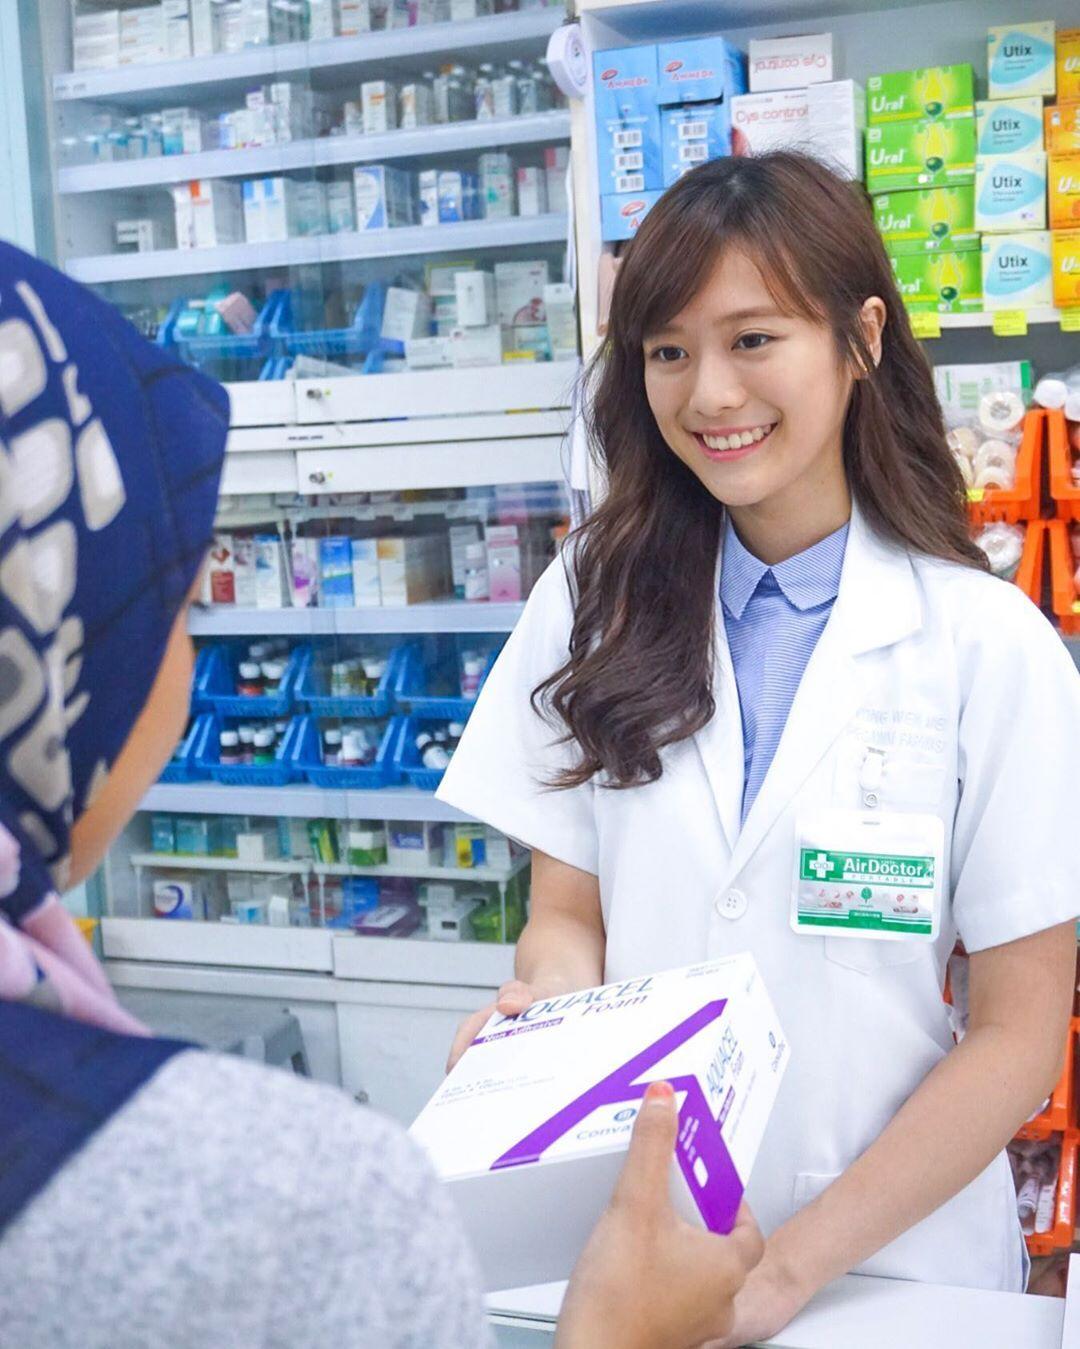 大马正妹药师「杨文美」超级甜!她一笑就让网友想天天去药局报到-新图包